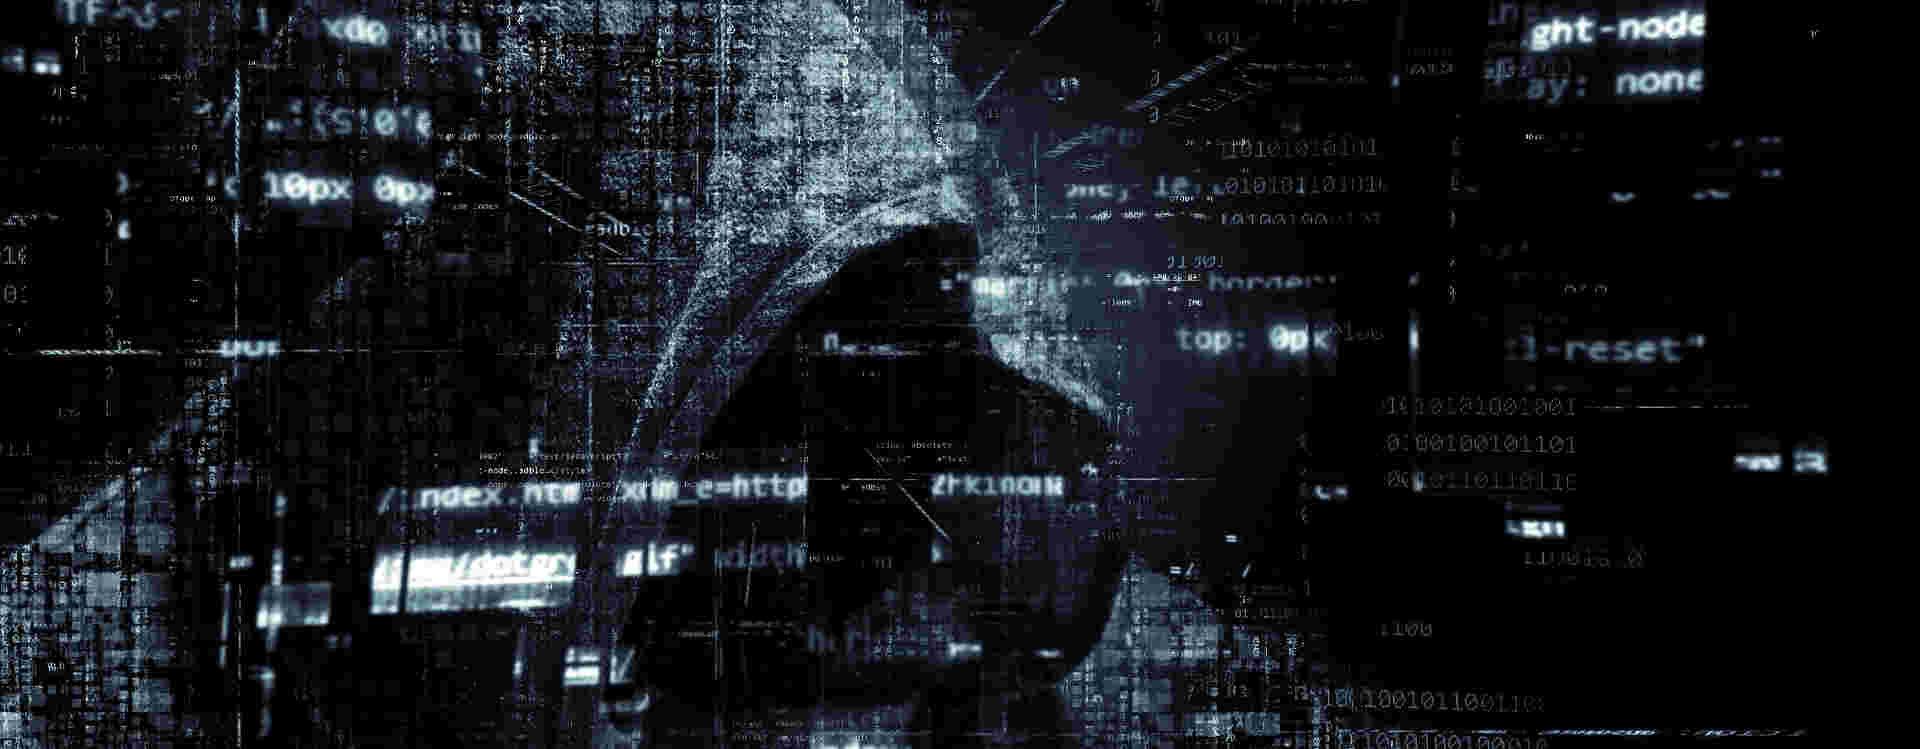 Internetstrafrecht | Strafverteidiger Hamburg ist spezialisiert auf IT- und Internetstrafrecht sowie Cybercrime